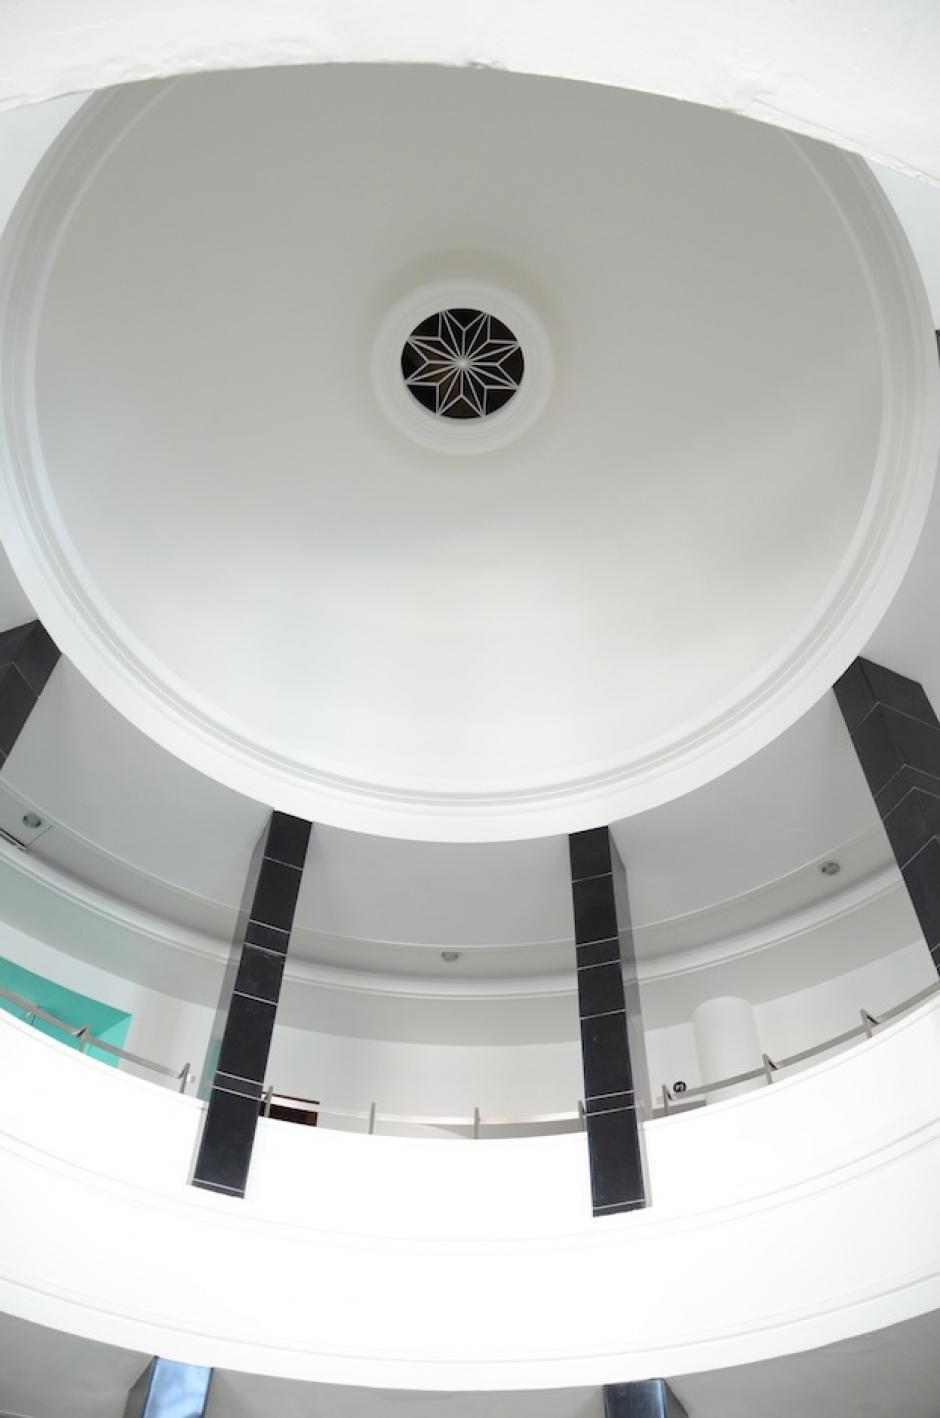 El diseño del edificio del Teatro Lux es Art Decó. (Foto: Esteban Biba/Soy502)